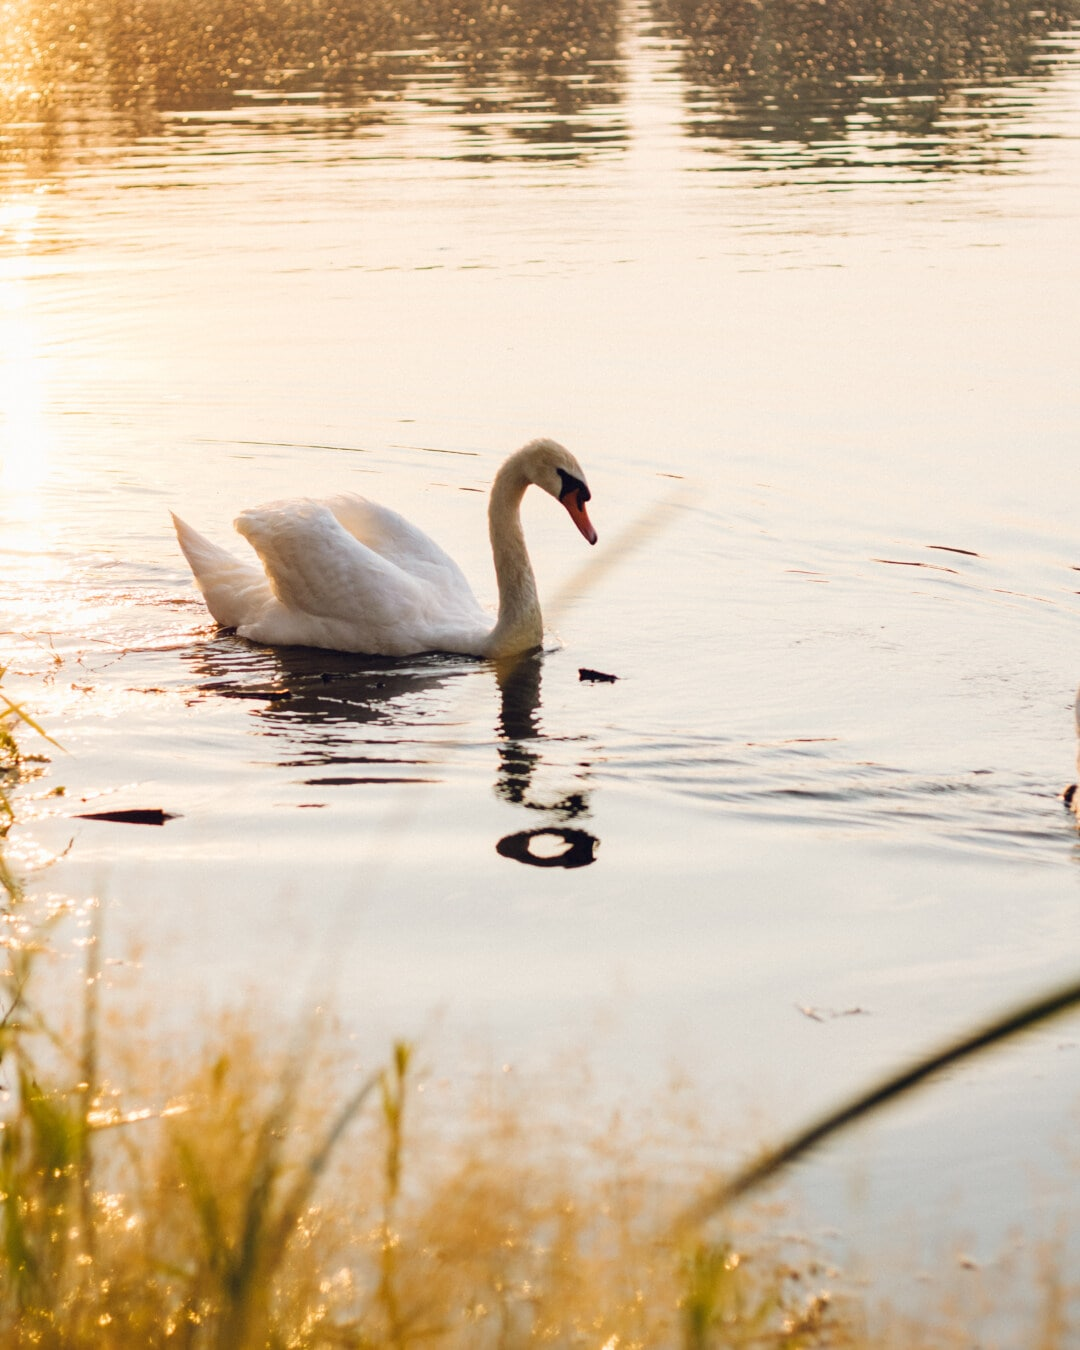 Schwimmen, Schwan, Tag, sonnig, Vogel, See, Wasser, Reflexion, Natur, Fluss